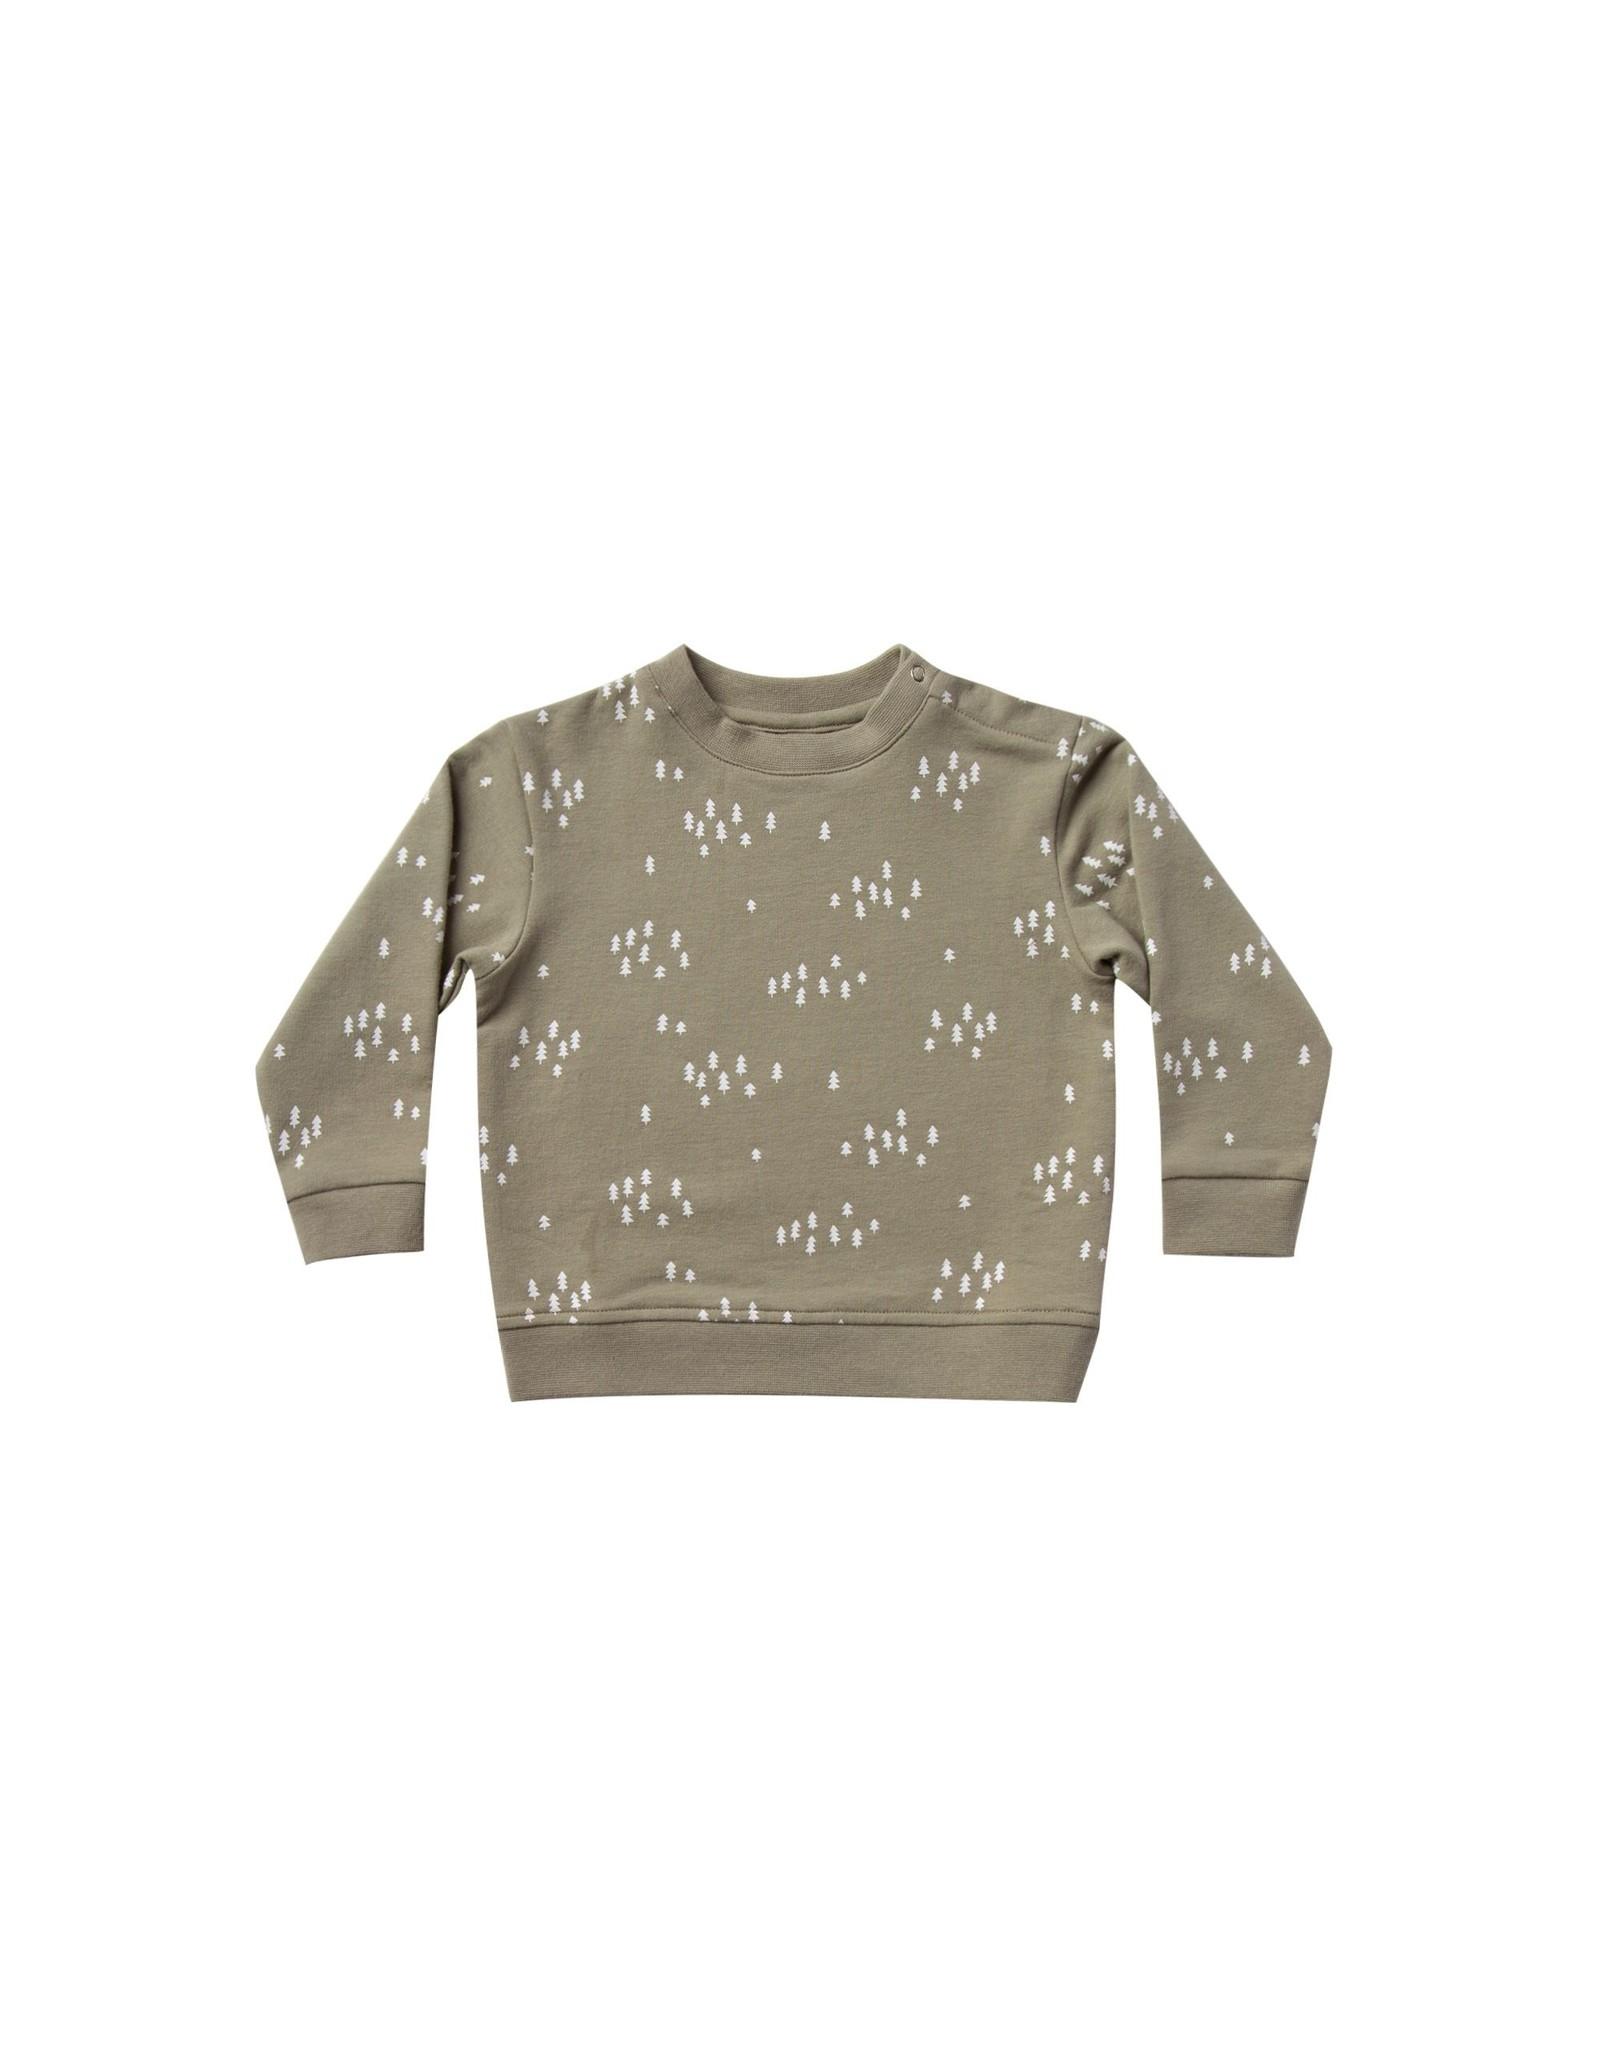 Quincy Mae fleece sweatshirt- olive